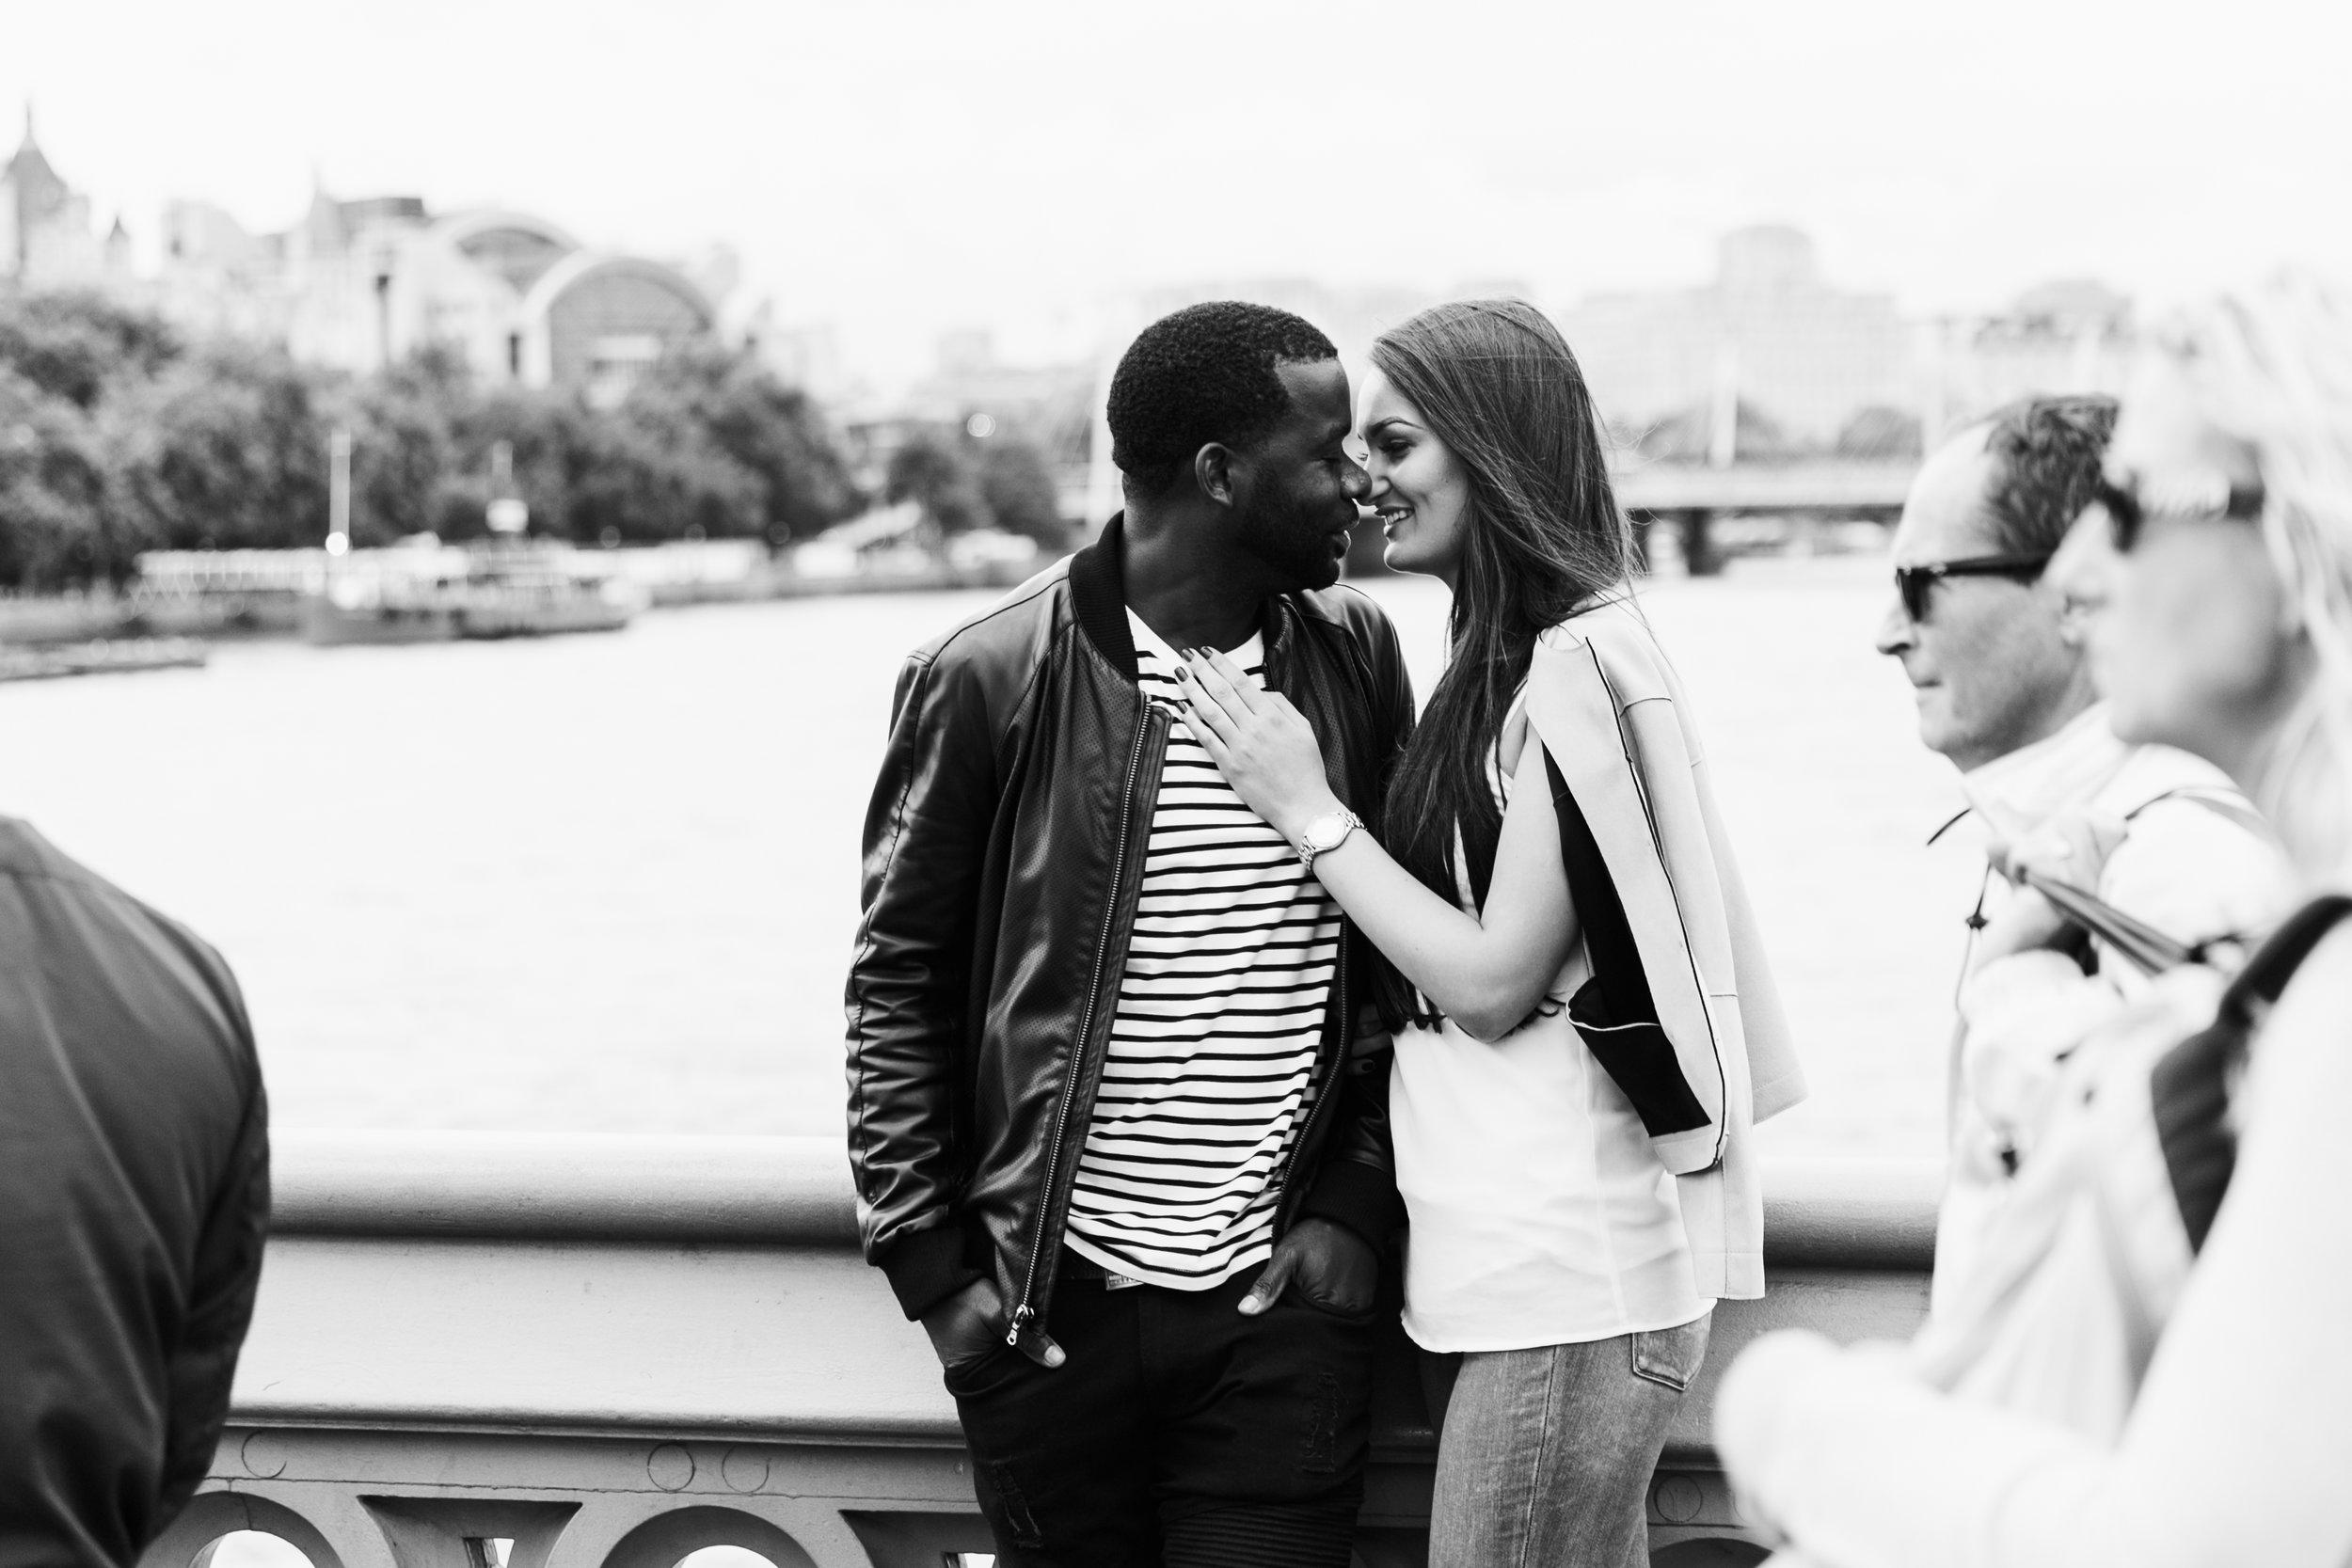 KaraNixonWeddings-LondonEye-Westminster-Engagement-13.jpg